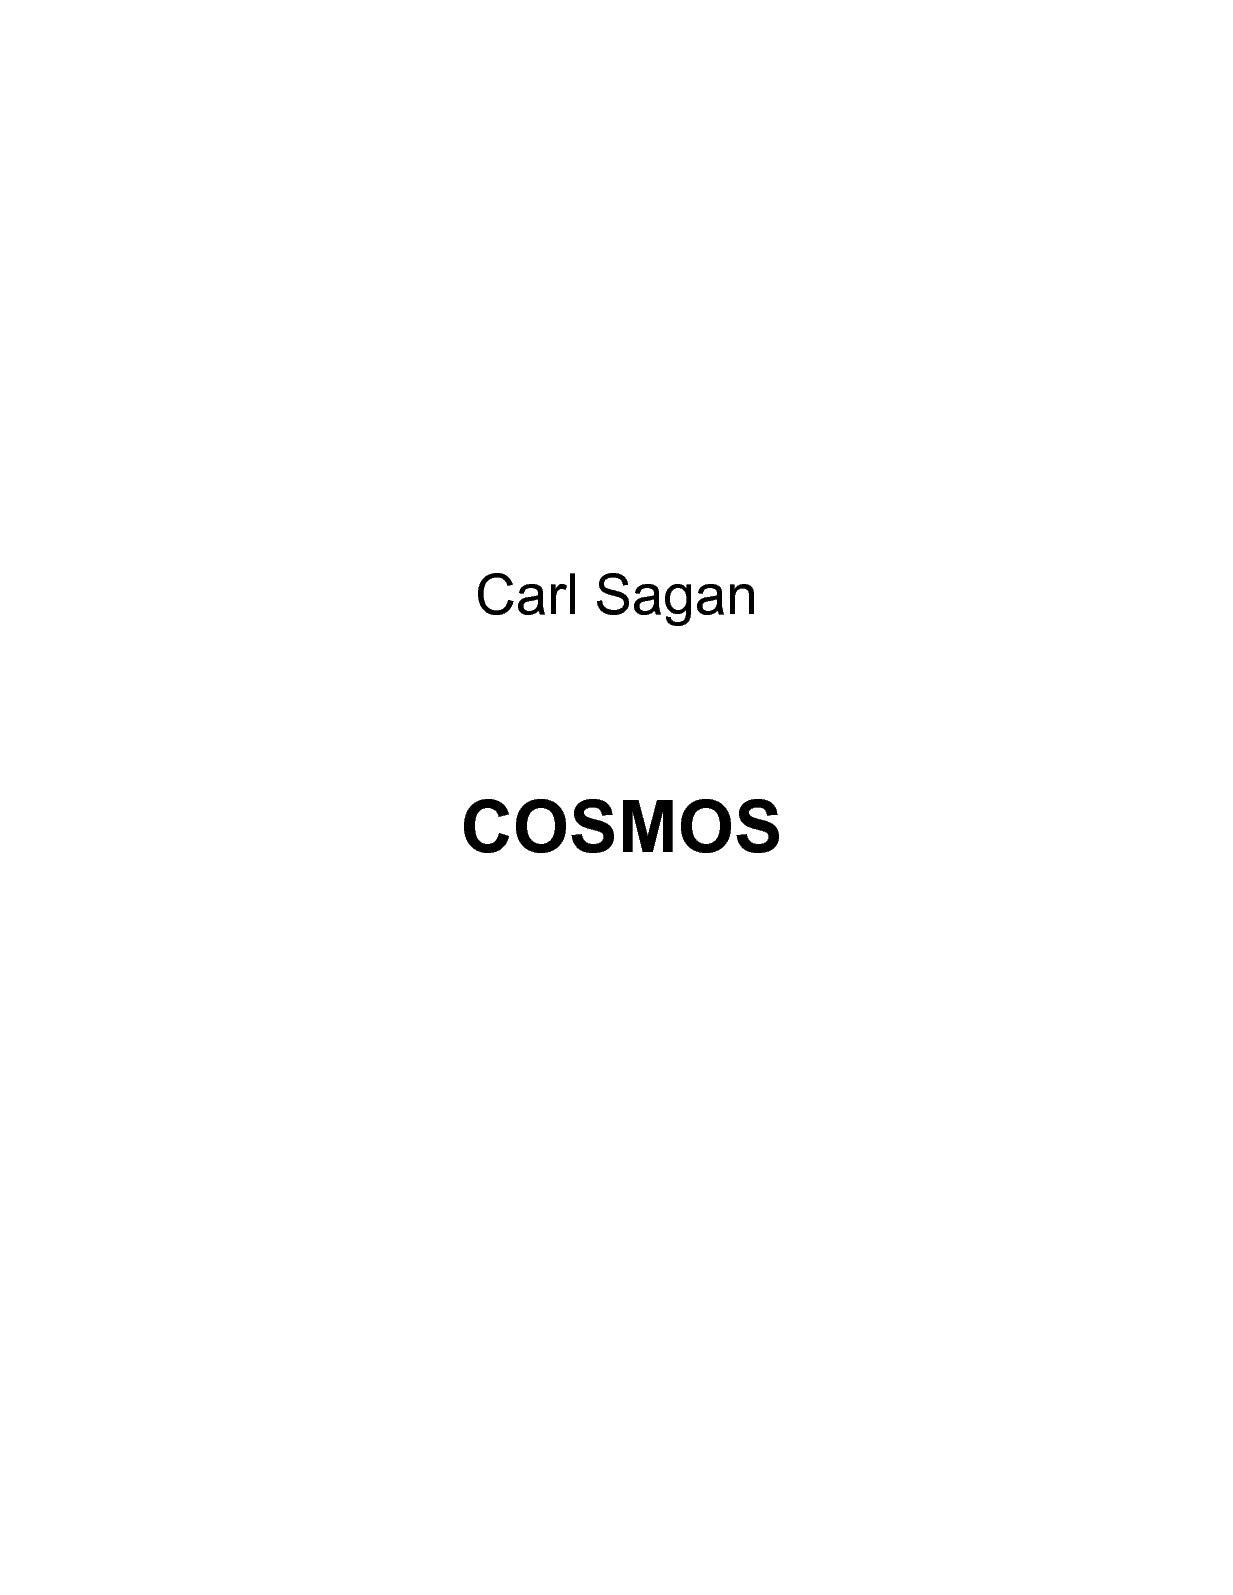 Calaméo - Carl Sagan Cosmos